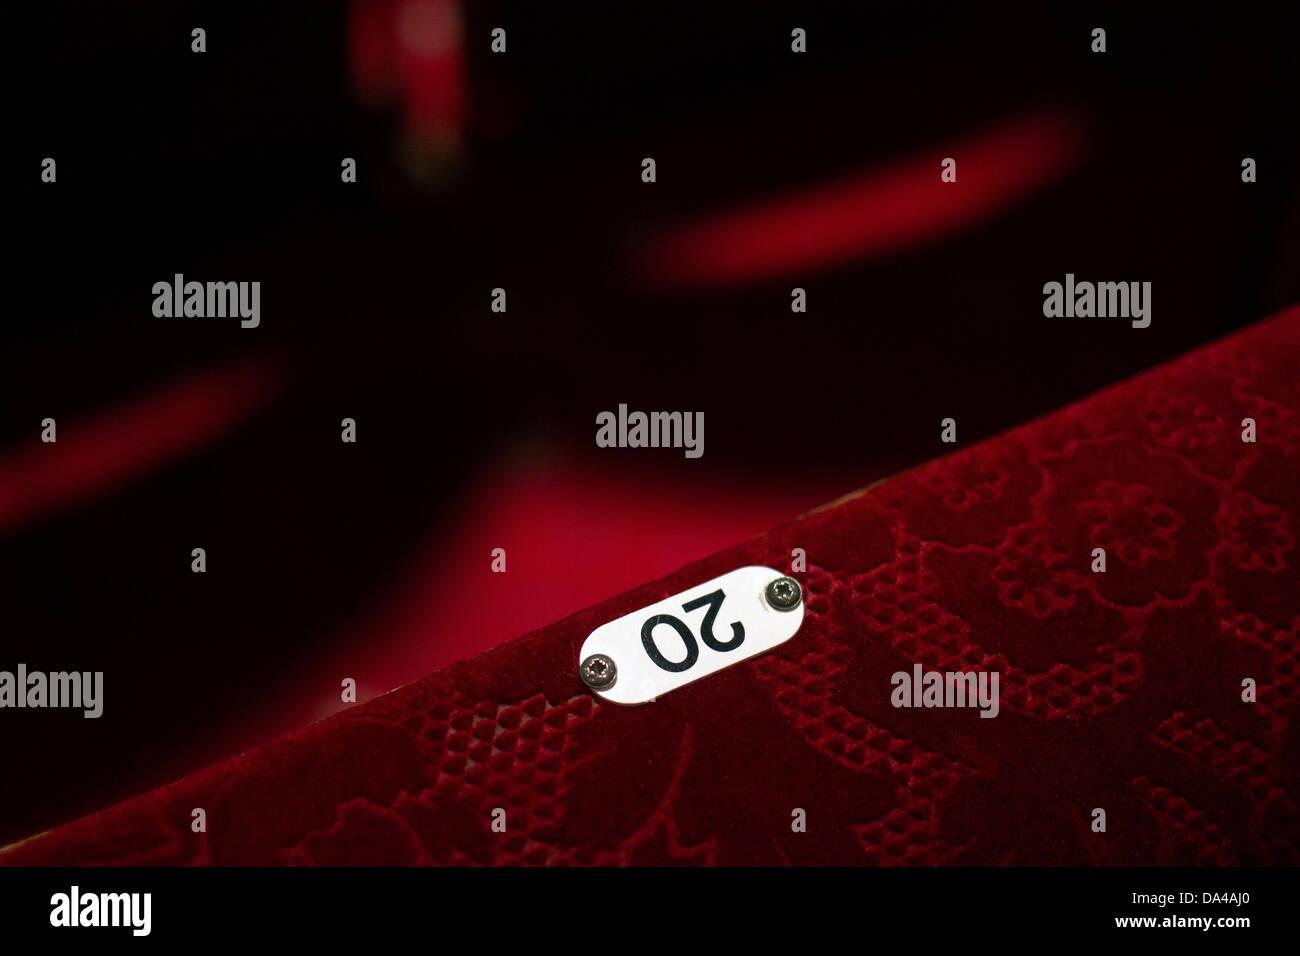 20,siège de théâtre,cinéma, théâtre, siège, chaise, rouge, auditorium, numéro 20, styles architecturaux, contemporain,design,20, red Banque D'Images